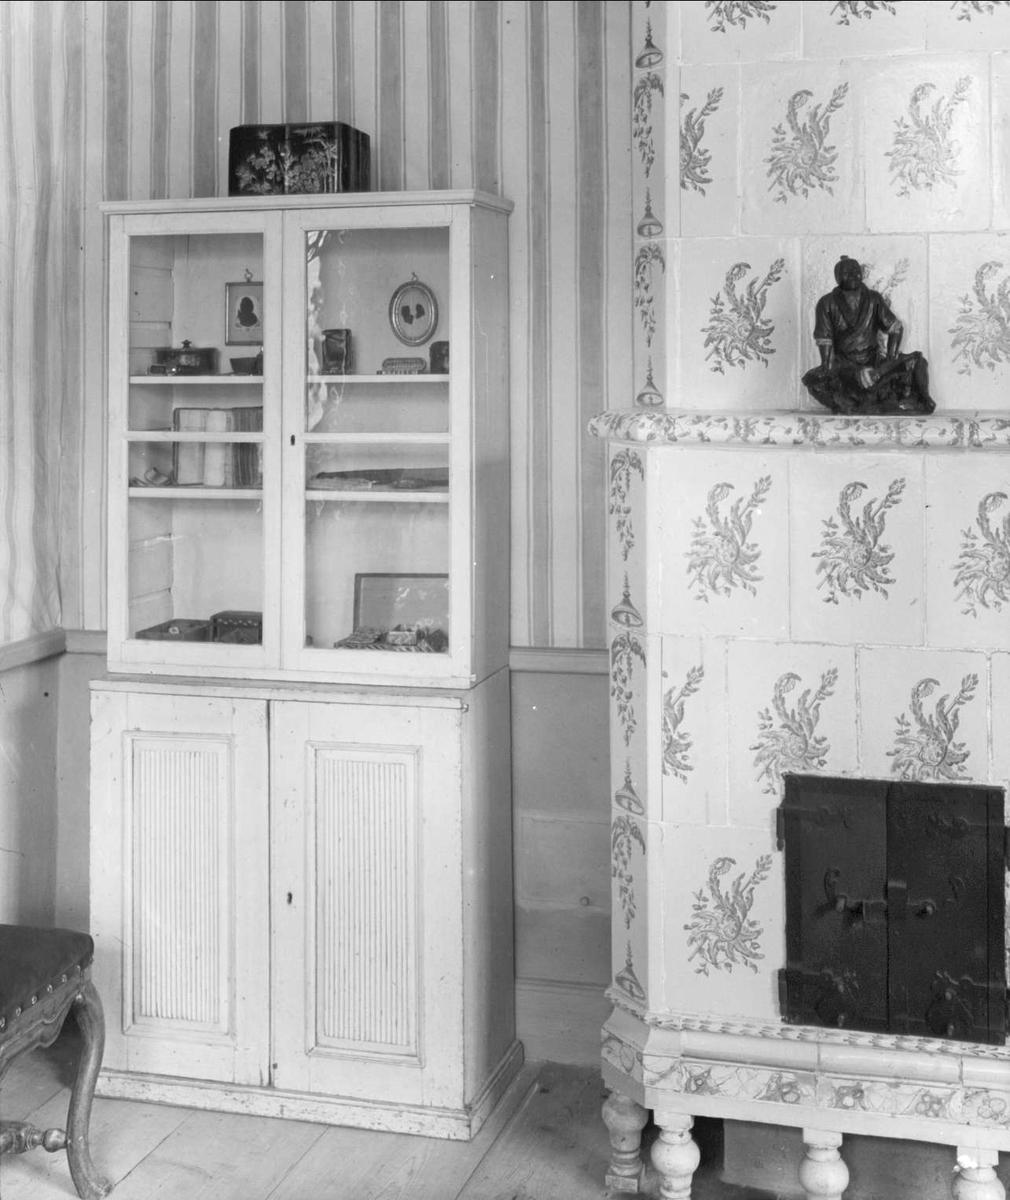 Interiör från Linnémuseet, skåp och kakelugn